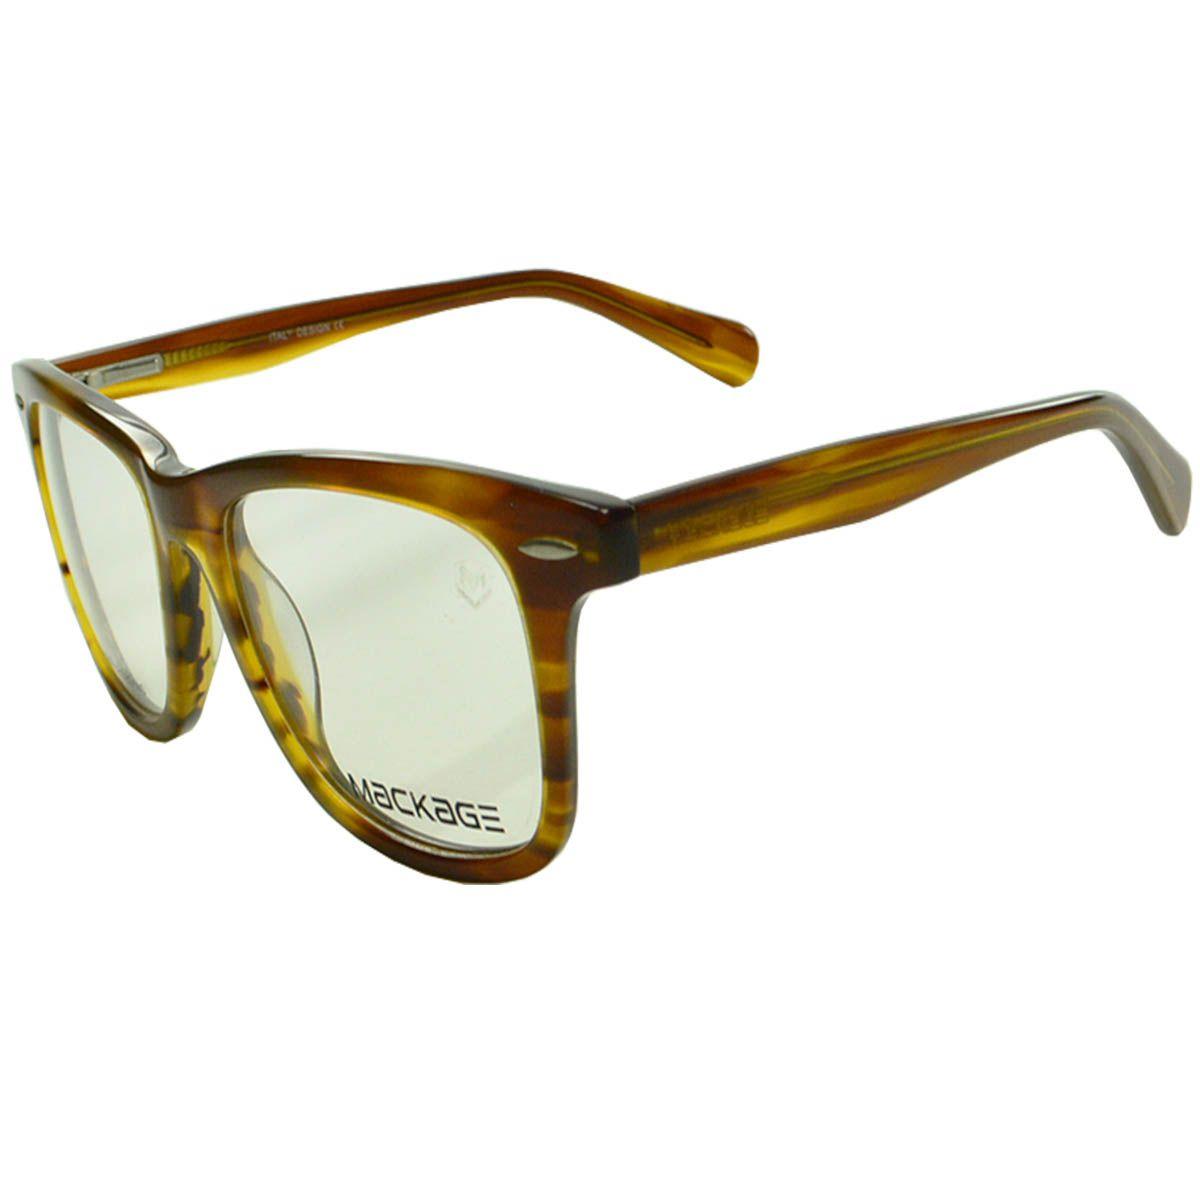 Armação Óculos de Grau - Mackage Mk3014 59a40fb8dc